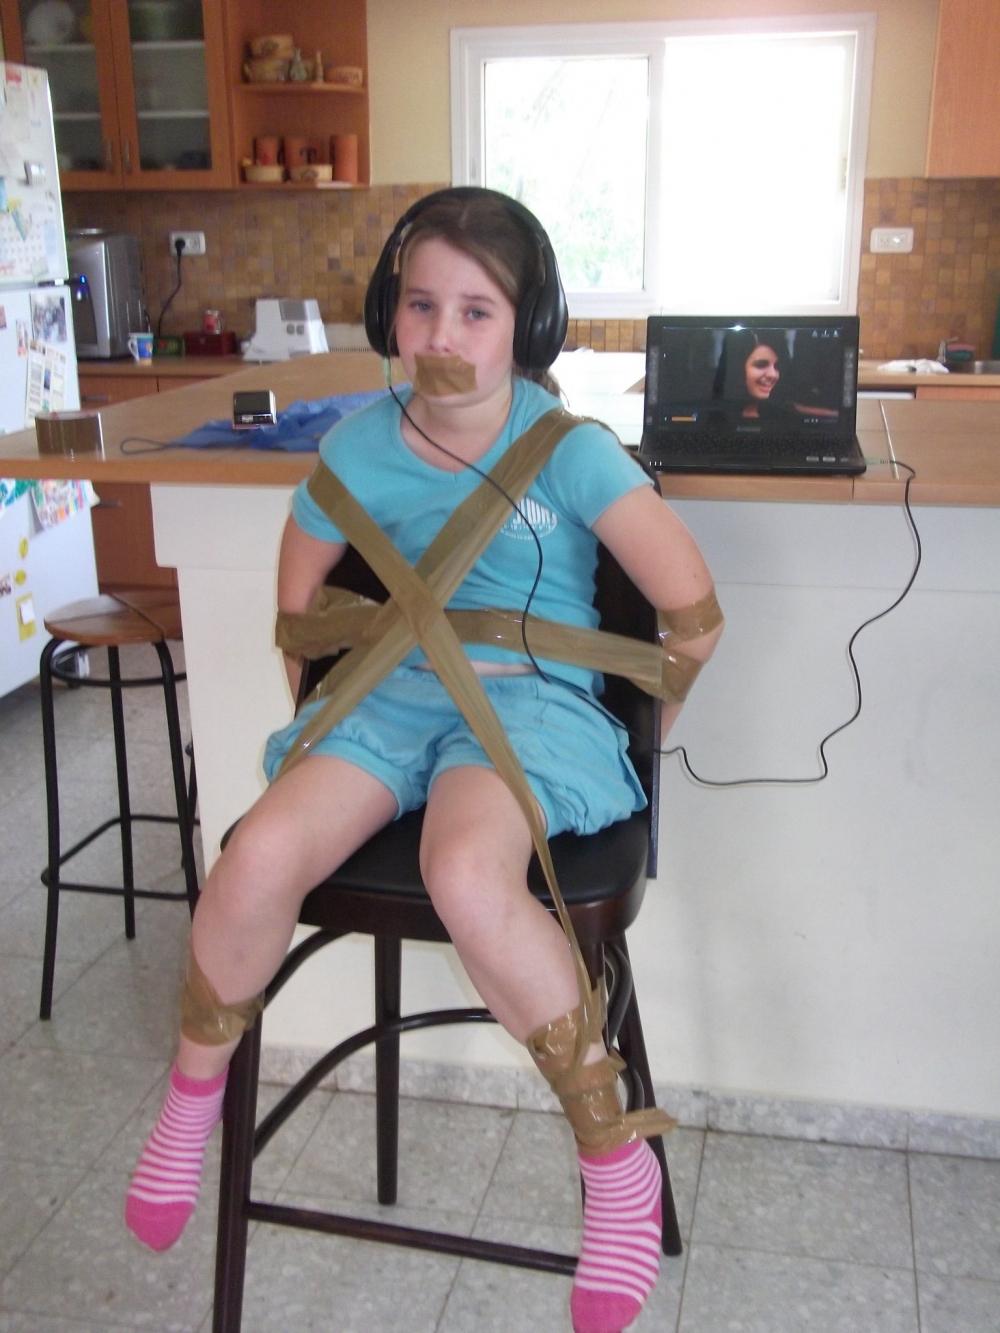 Наказание девушек фото 15 фотография